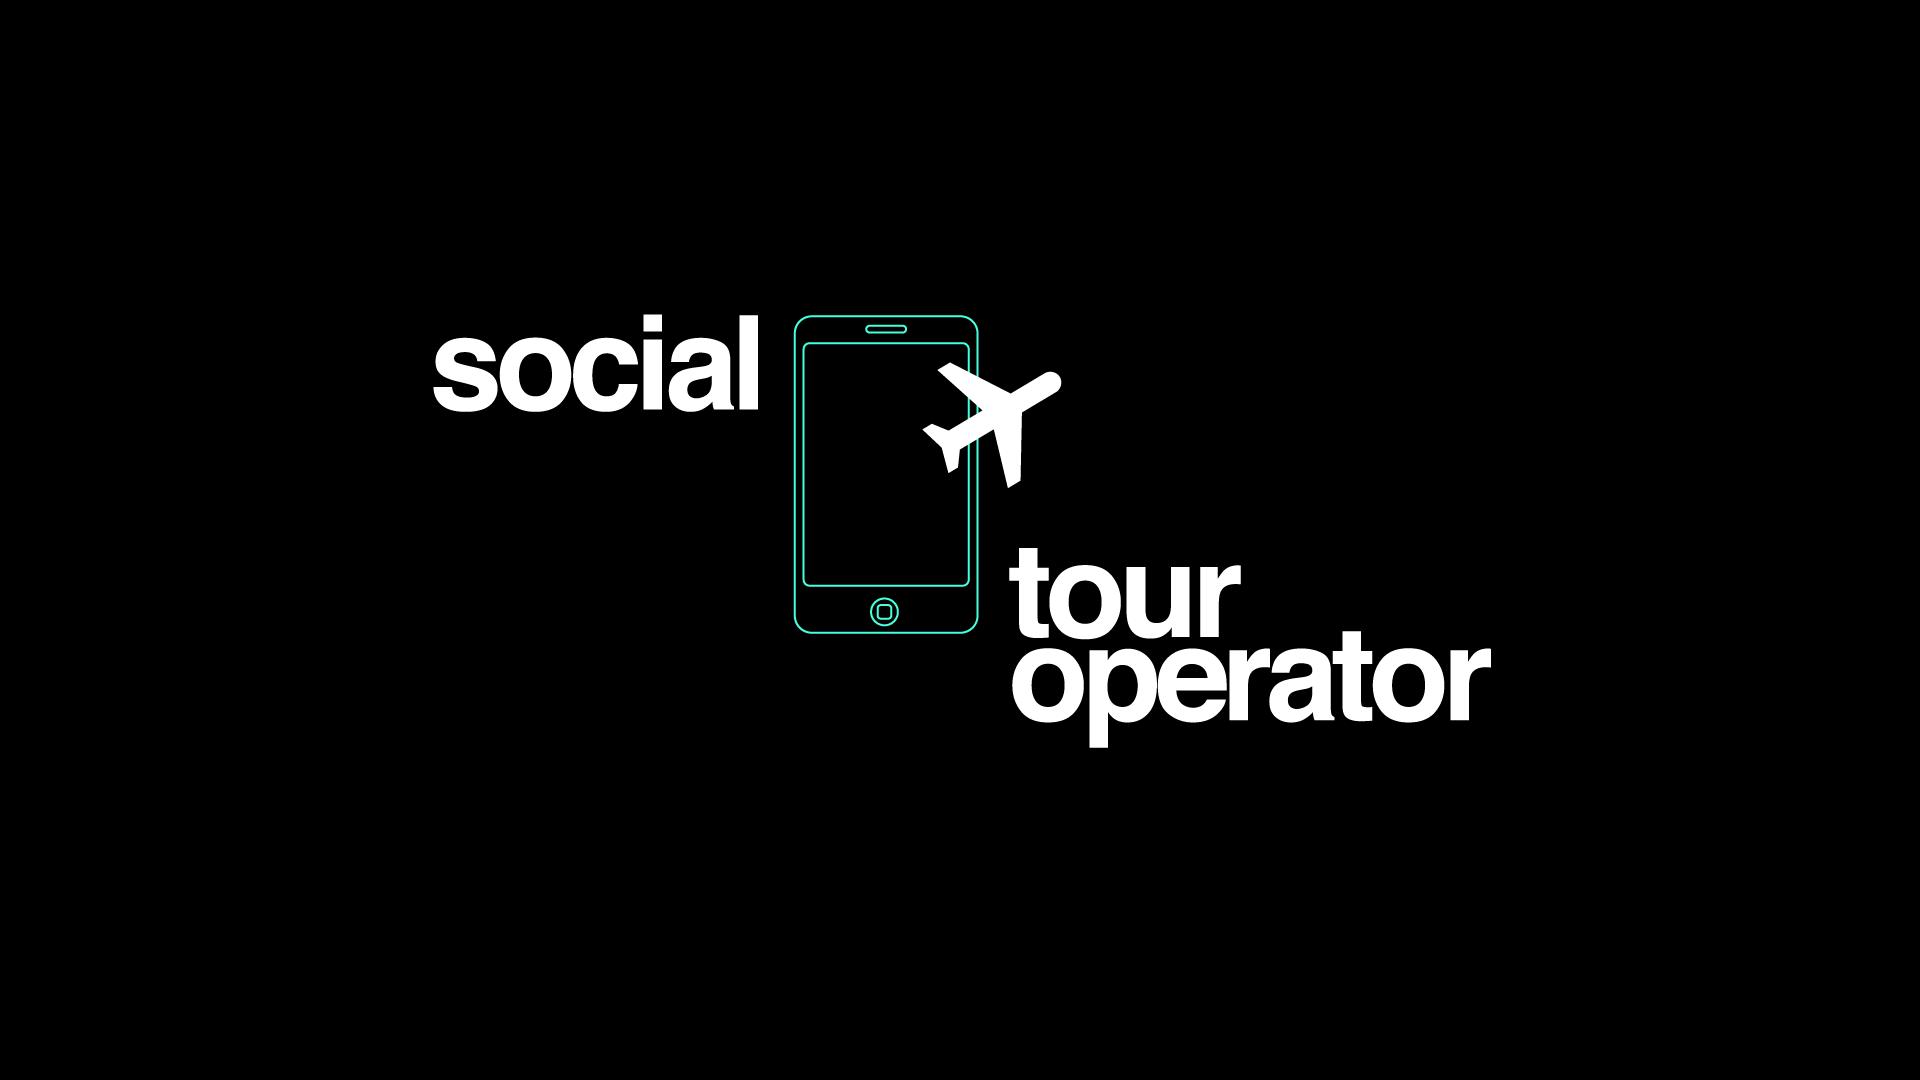 È possibile vendere con Facebook? Il caso studio settore viaggi: +329.000€ di preventivi in 56 giorni